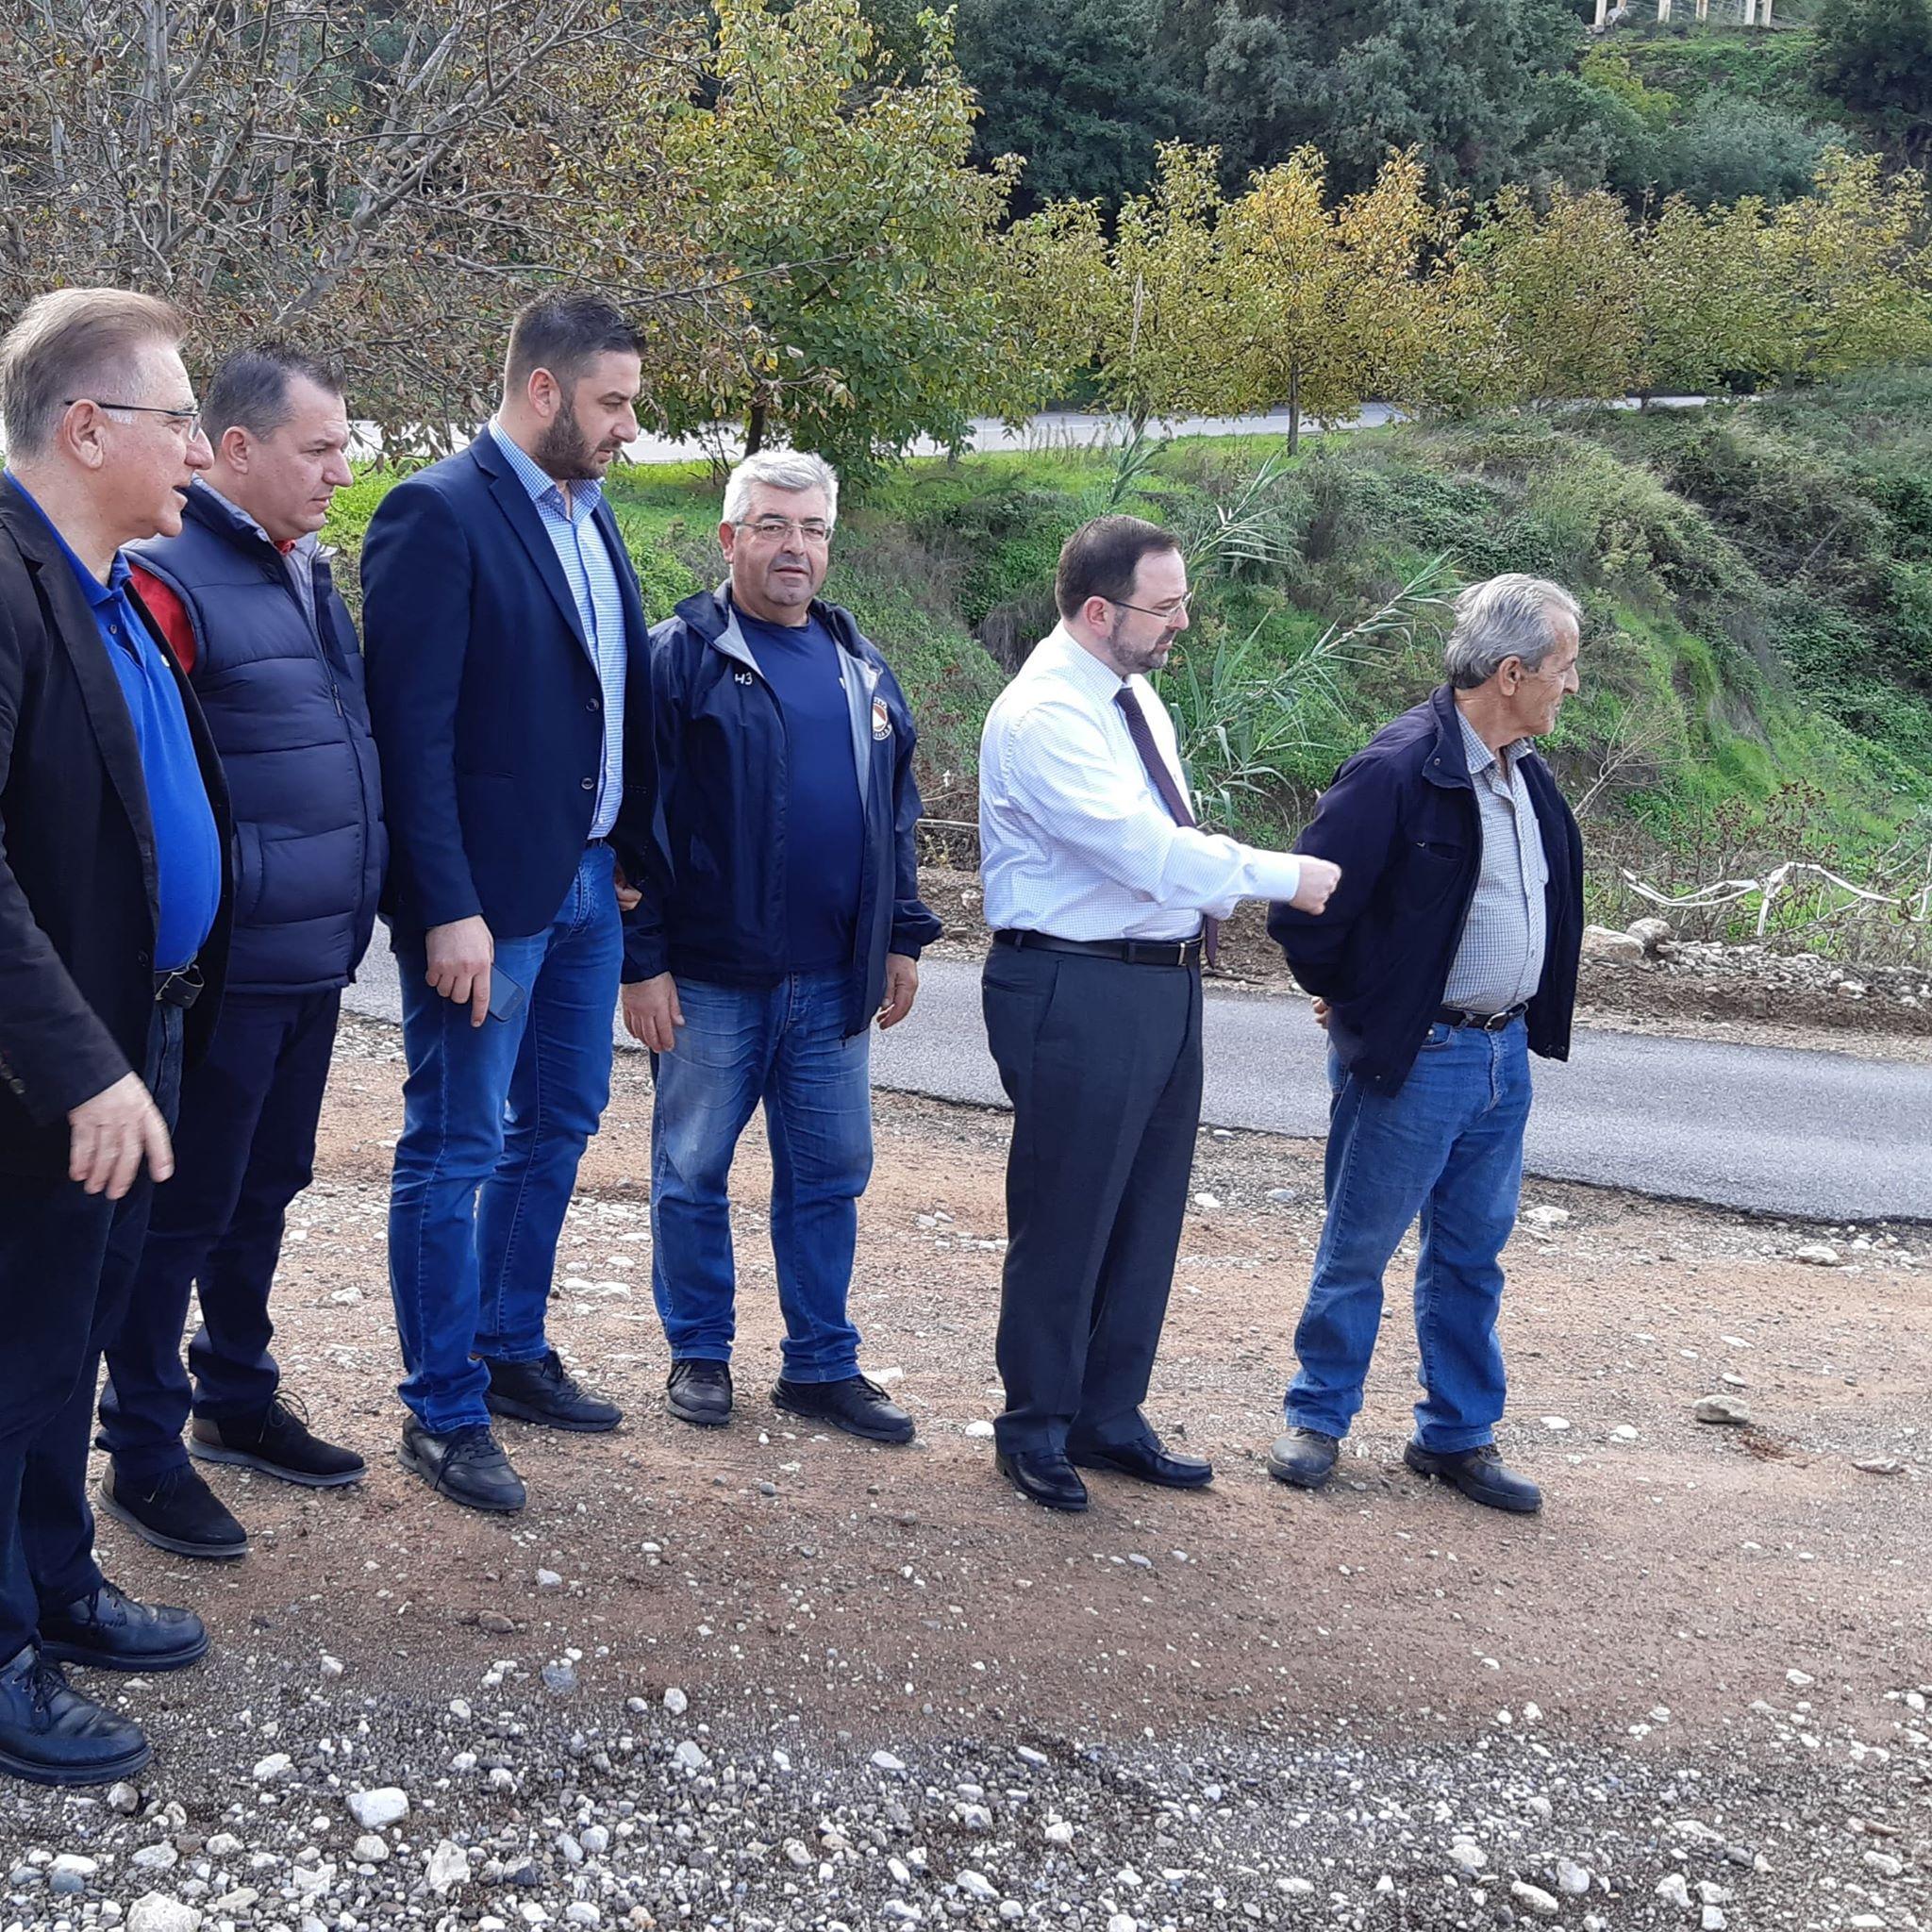 Νίκος Κοροβέσης: Αυτοψία στην αποκατάσταση του δρόμου της Αρήνης